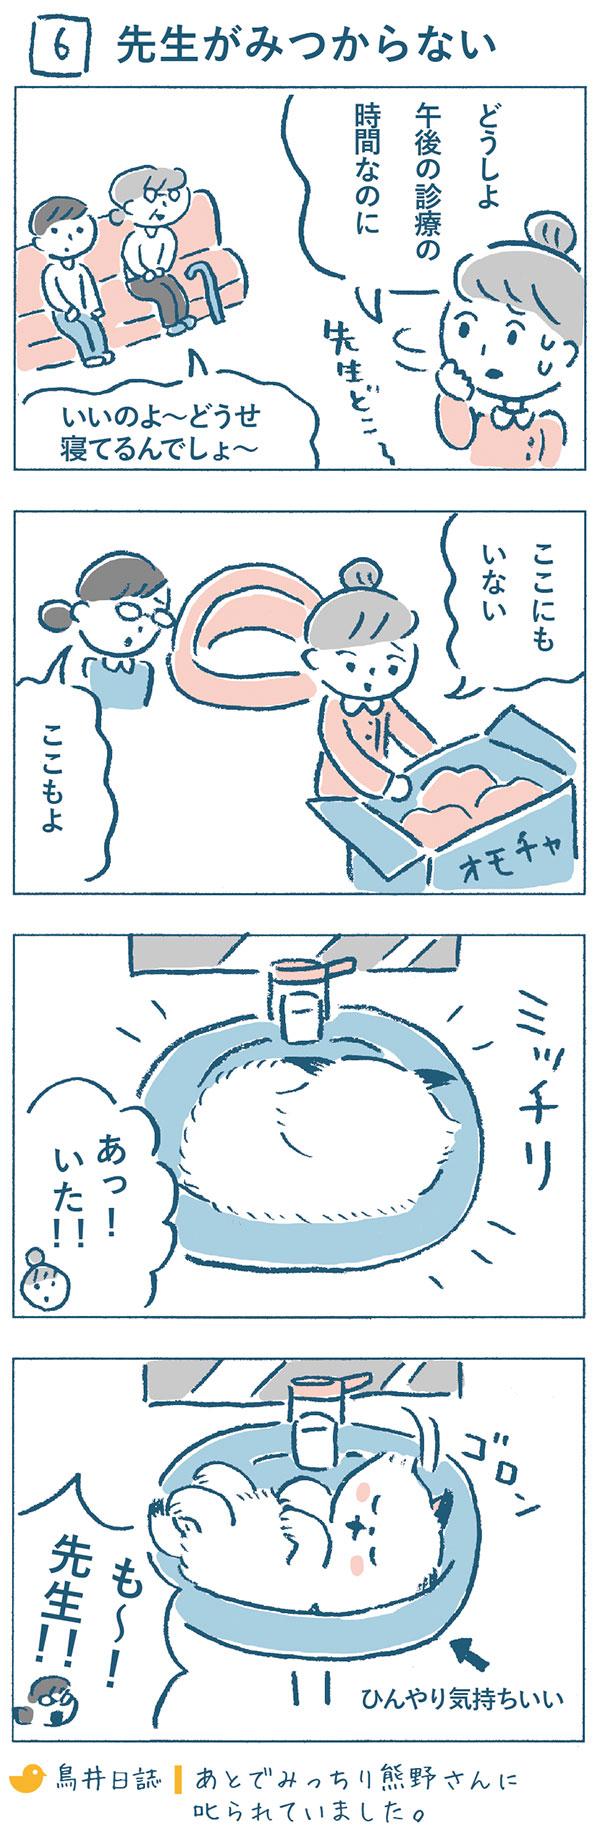 タイトル:先生がみつからない。ねこやまクリニックの午後の診療が始まる時間なのに、先生の姿がなく、熊野さんも奈央子も院内を一生懸命探しますが、なかなか見つかりません。すると、手洗い場にみっちり入って、眠っているねこやま先生を見つけました。サイズもぴったりでひんやり気持ちよいのか、なかなか起きないねこやま先生は、このあとみっちり熊野さんに叱られたのでした。